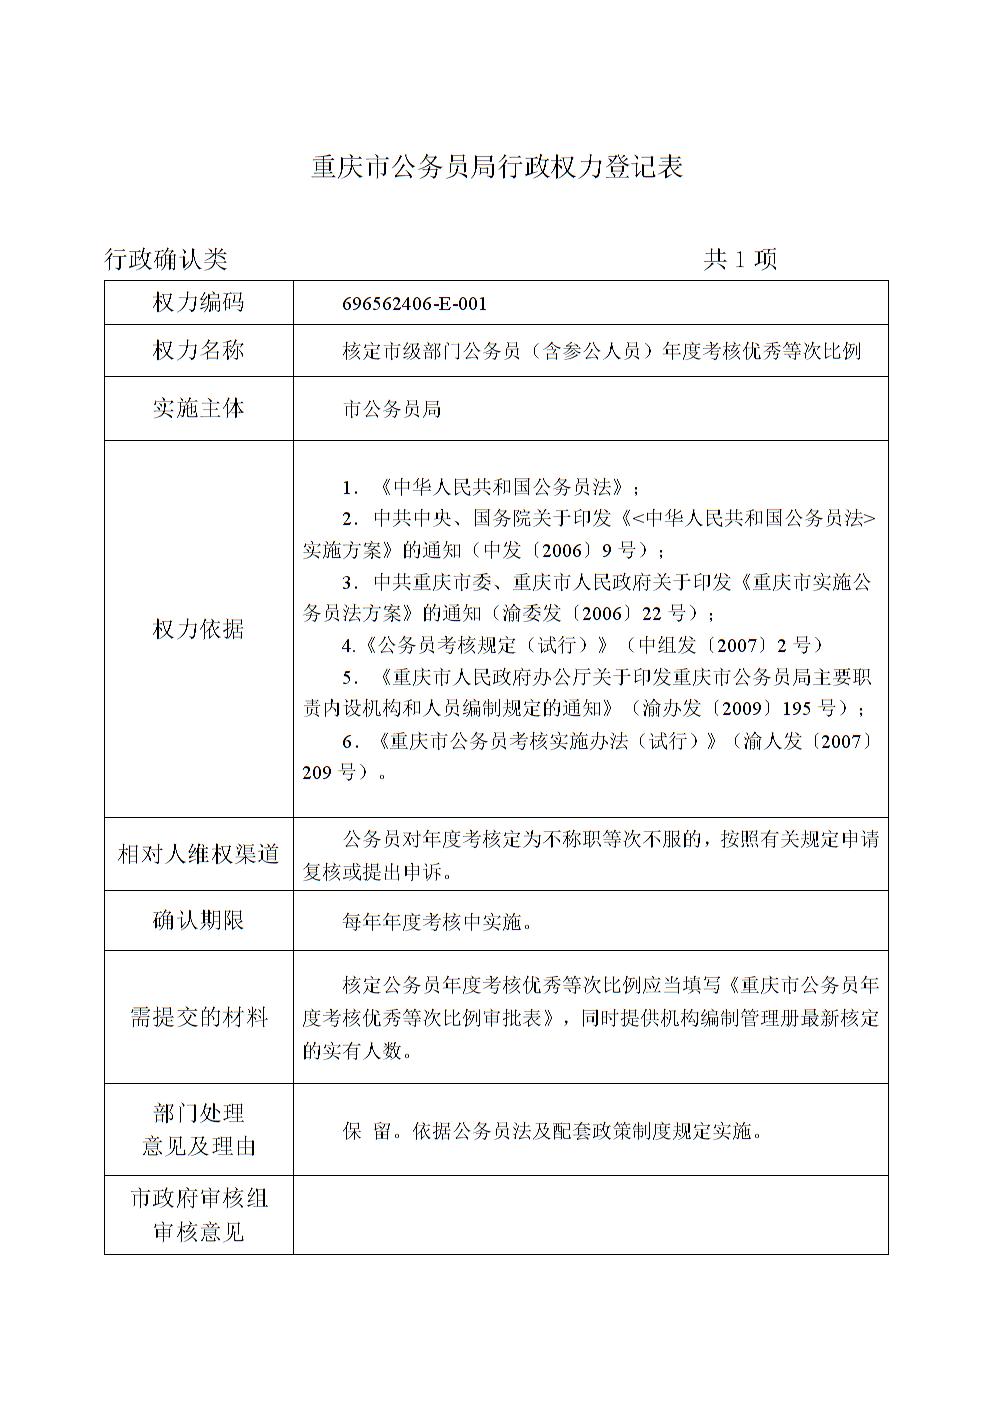 权力编码-重庆市人力资源和社会保障局.doc